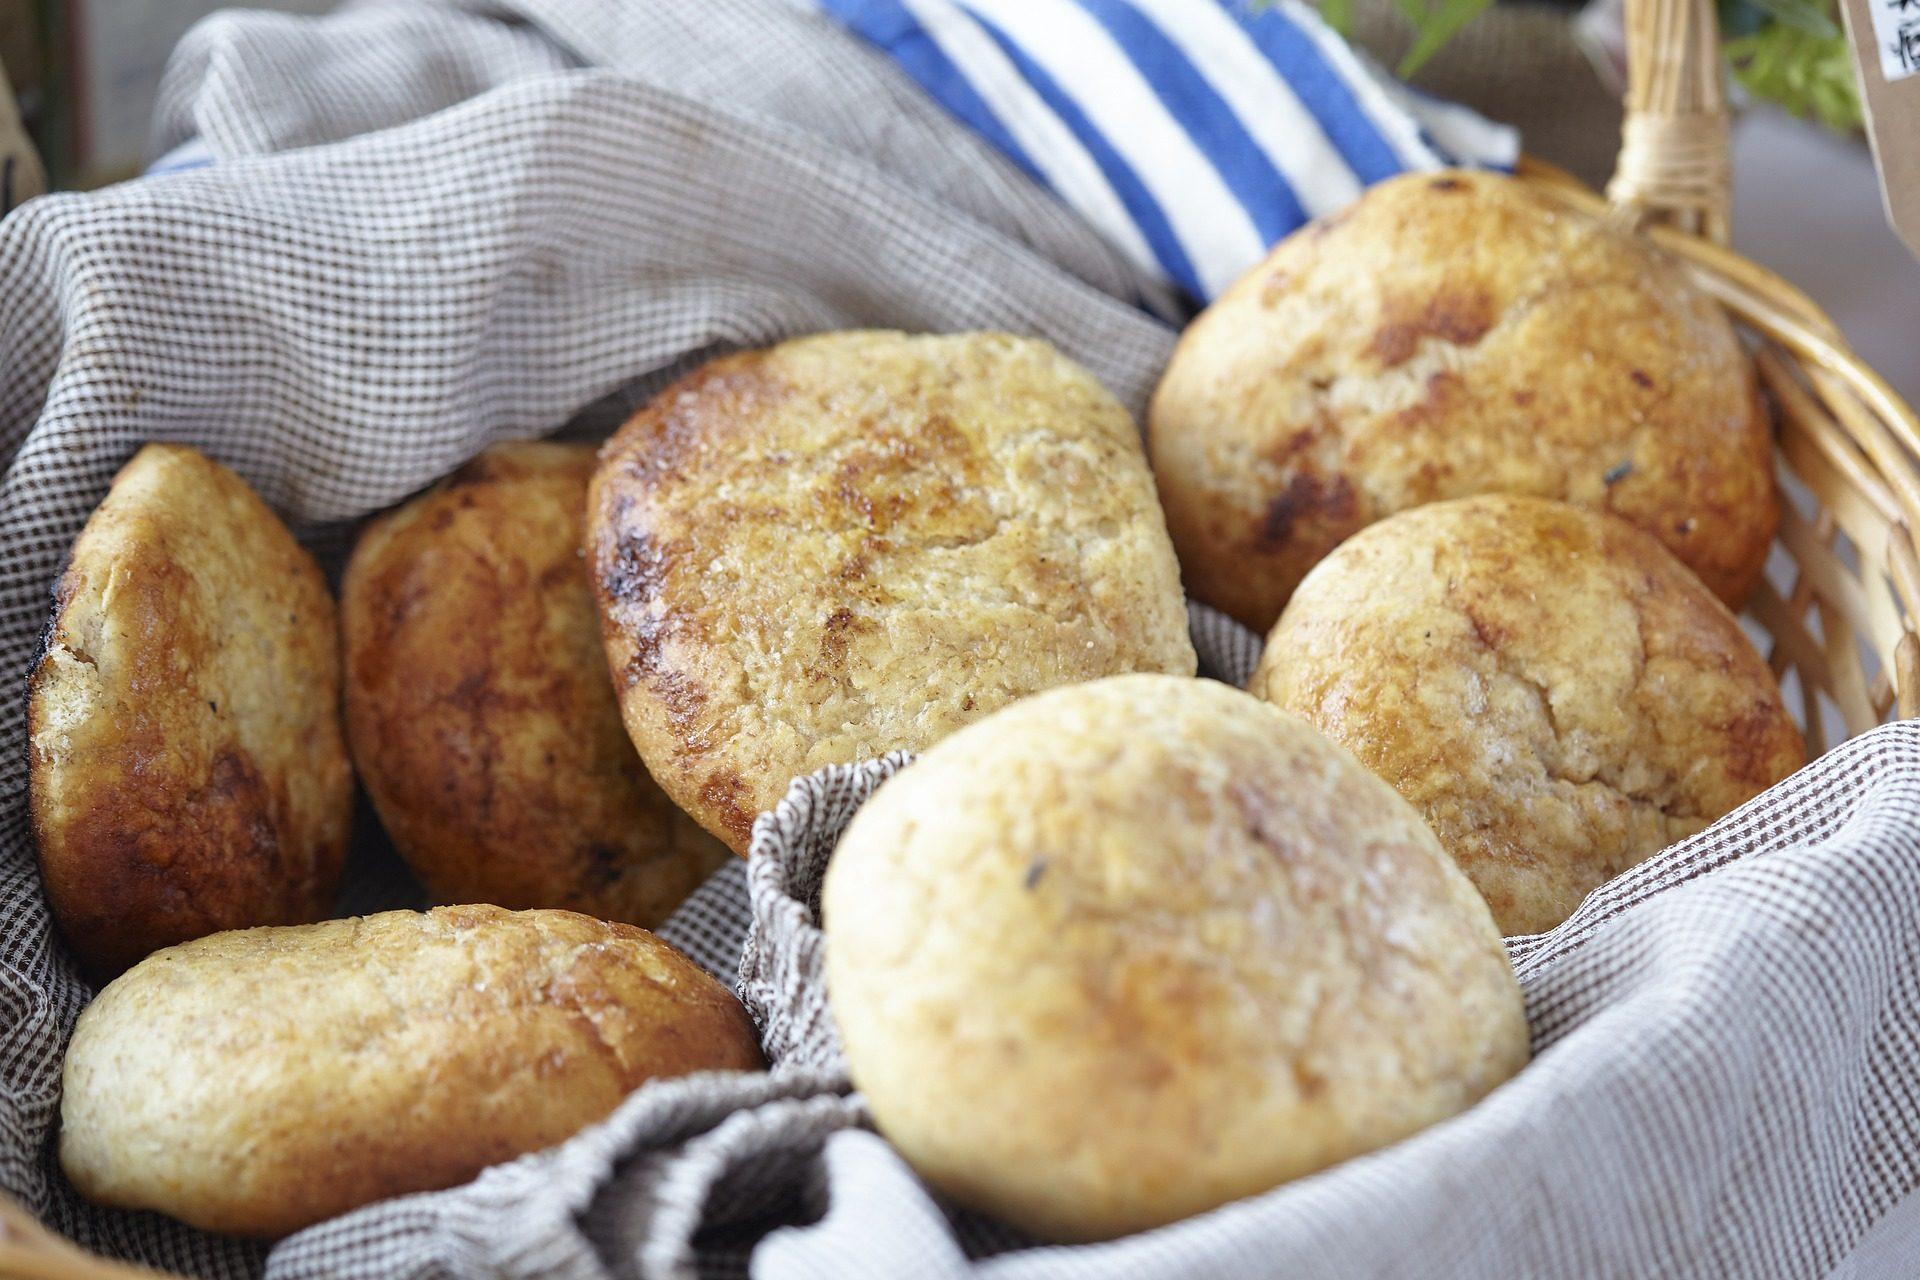 Brot, Brötchen, Bäckerei, Pfad, Tuch - Wallpaper HD - Prof.-falken.com